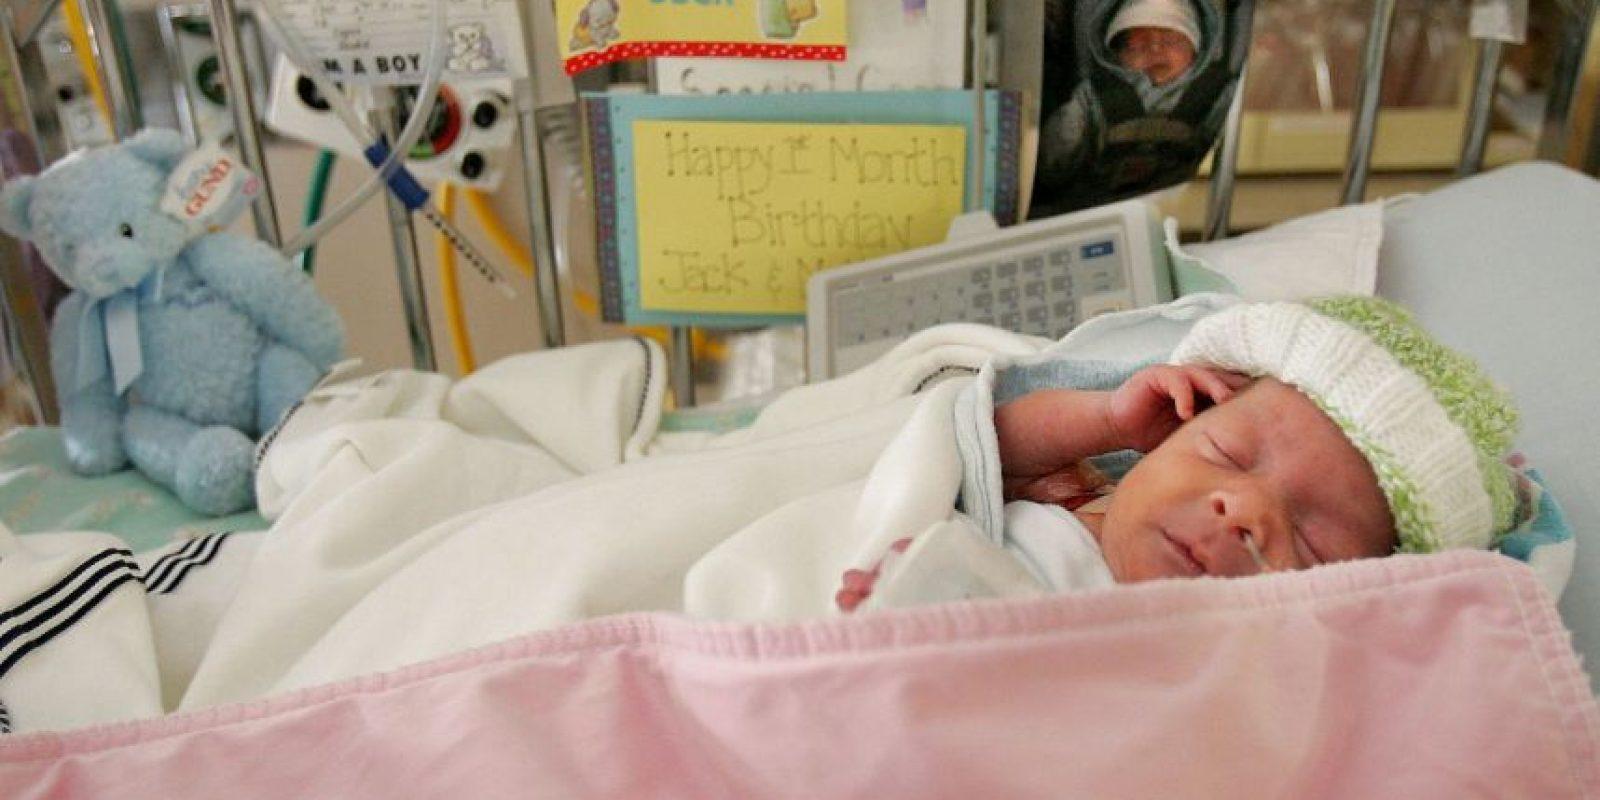 De acuerdo con la Organización Mundial de la Salud, los bebés prematuros pueden tener dificultades a la hora de alimentarse debido a que la coordinación de su reflejo de succión y deglución no está del todo desarrollada. Podrían necesitar ayuda adicional para alimentarse. Foto:Getty Images